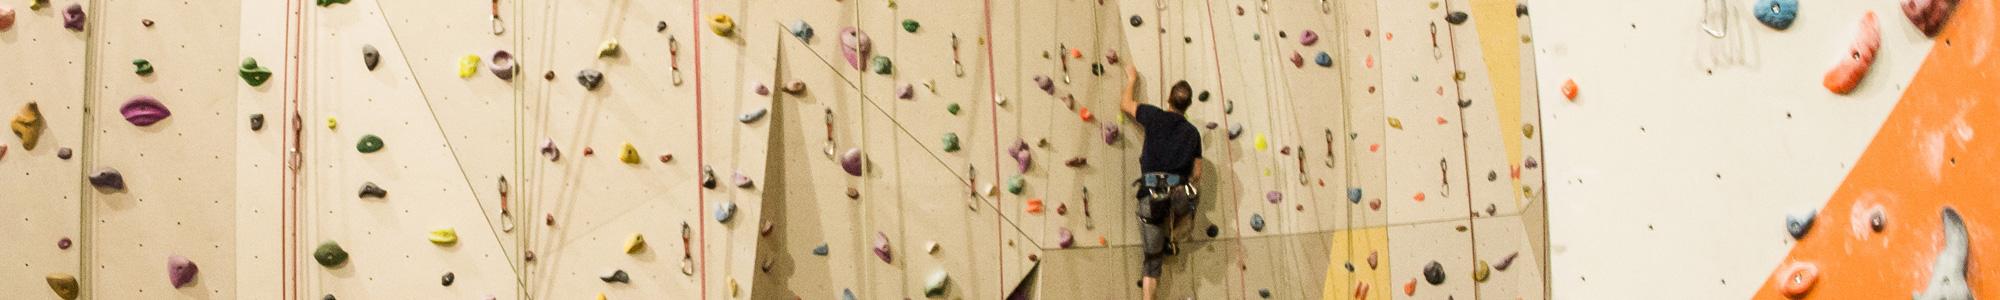 slide-klettern-04